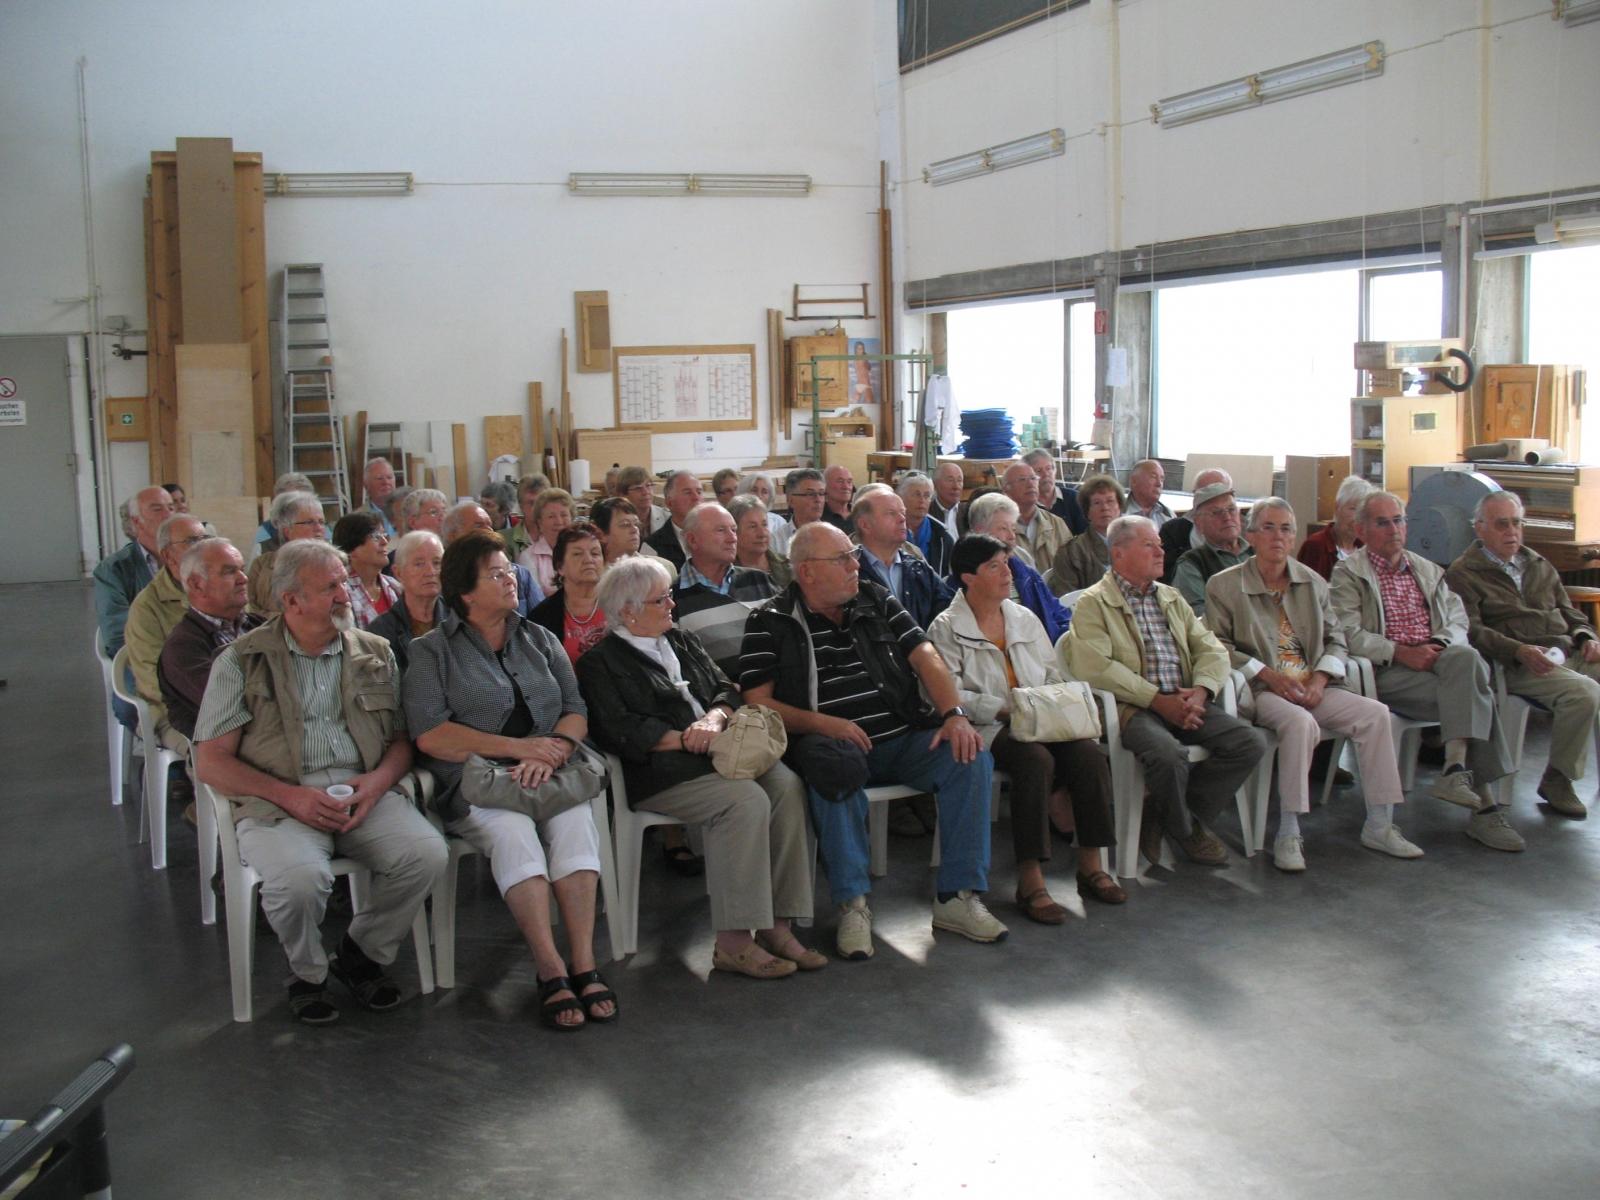 2011_09_14 Weikersheim, Orgelbau Laukhuff